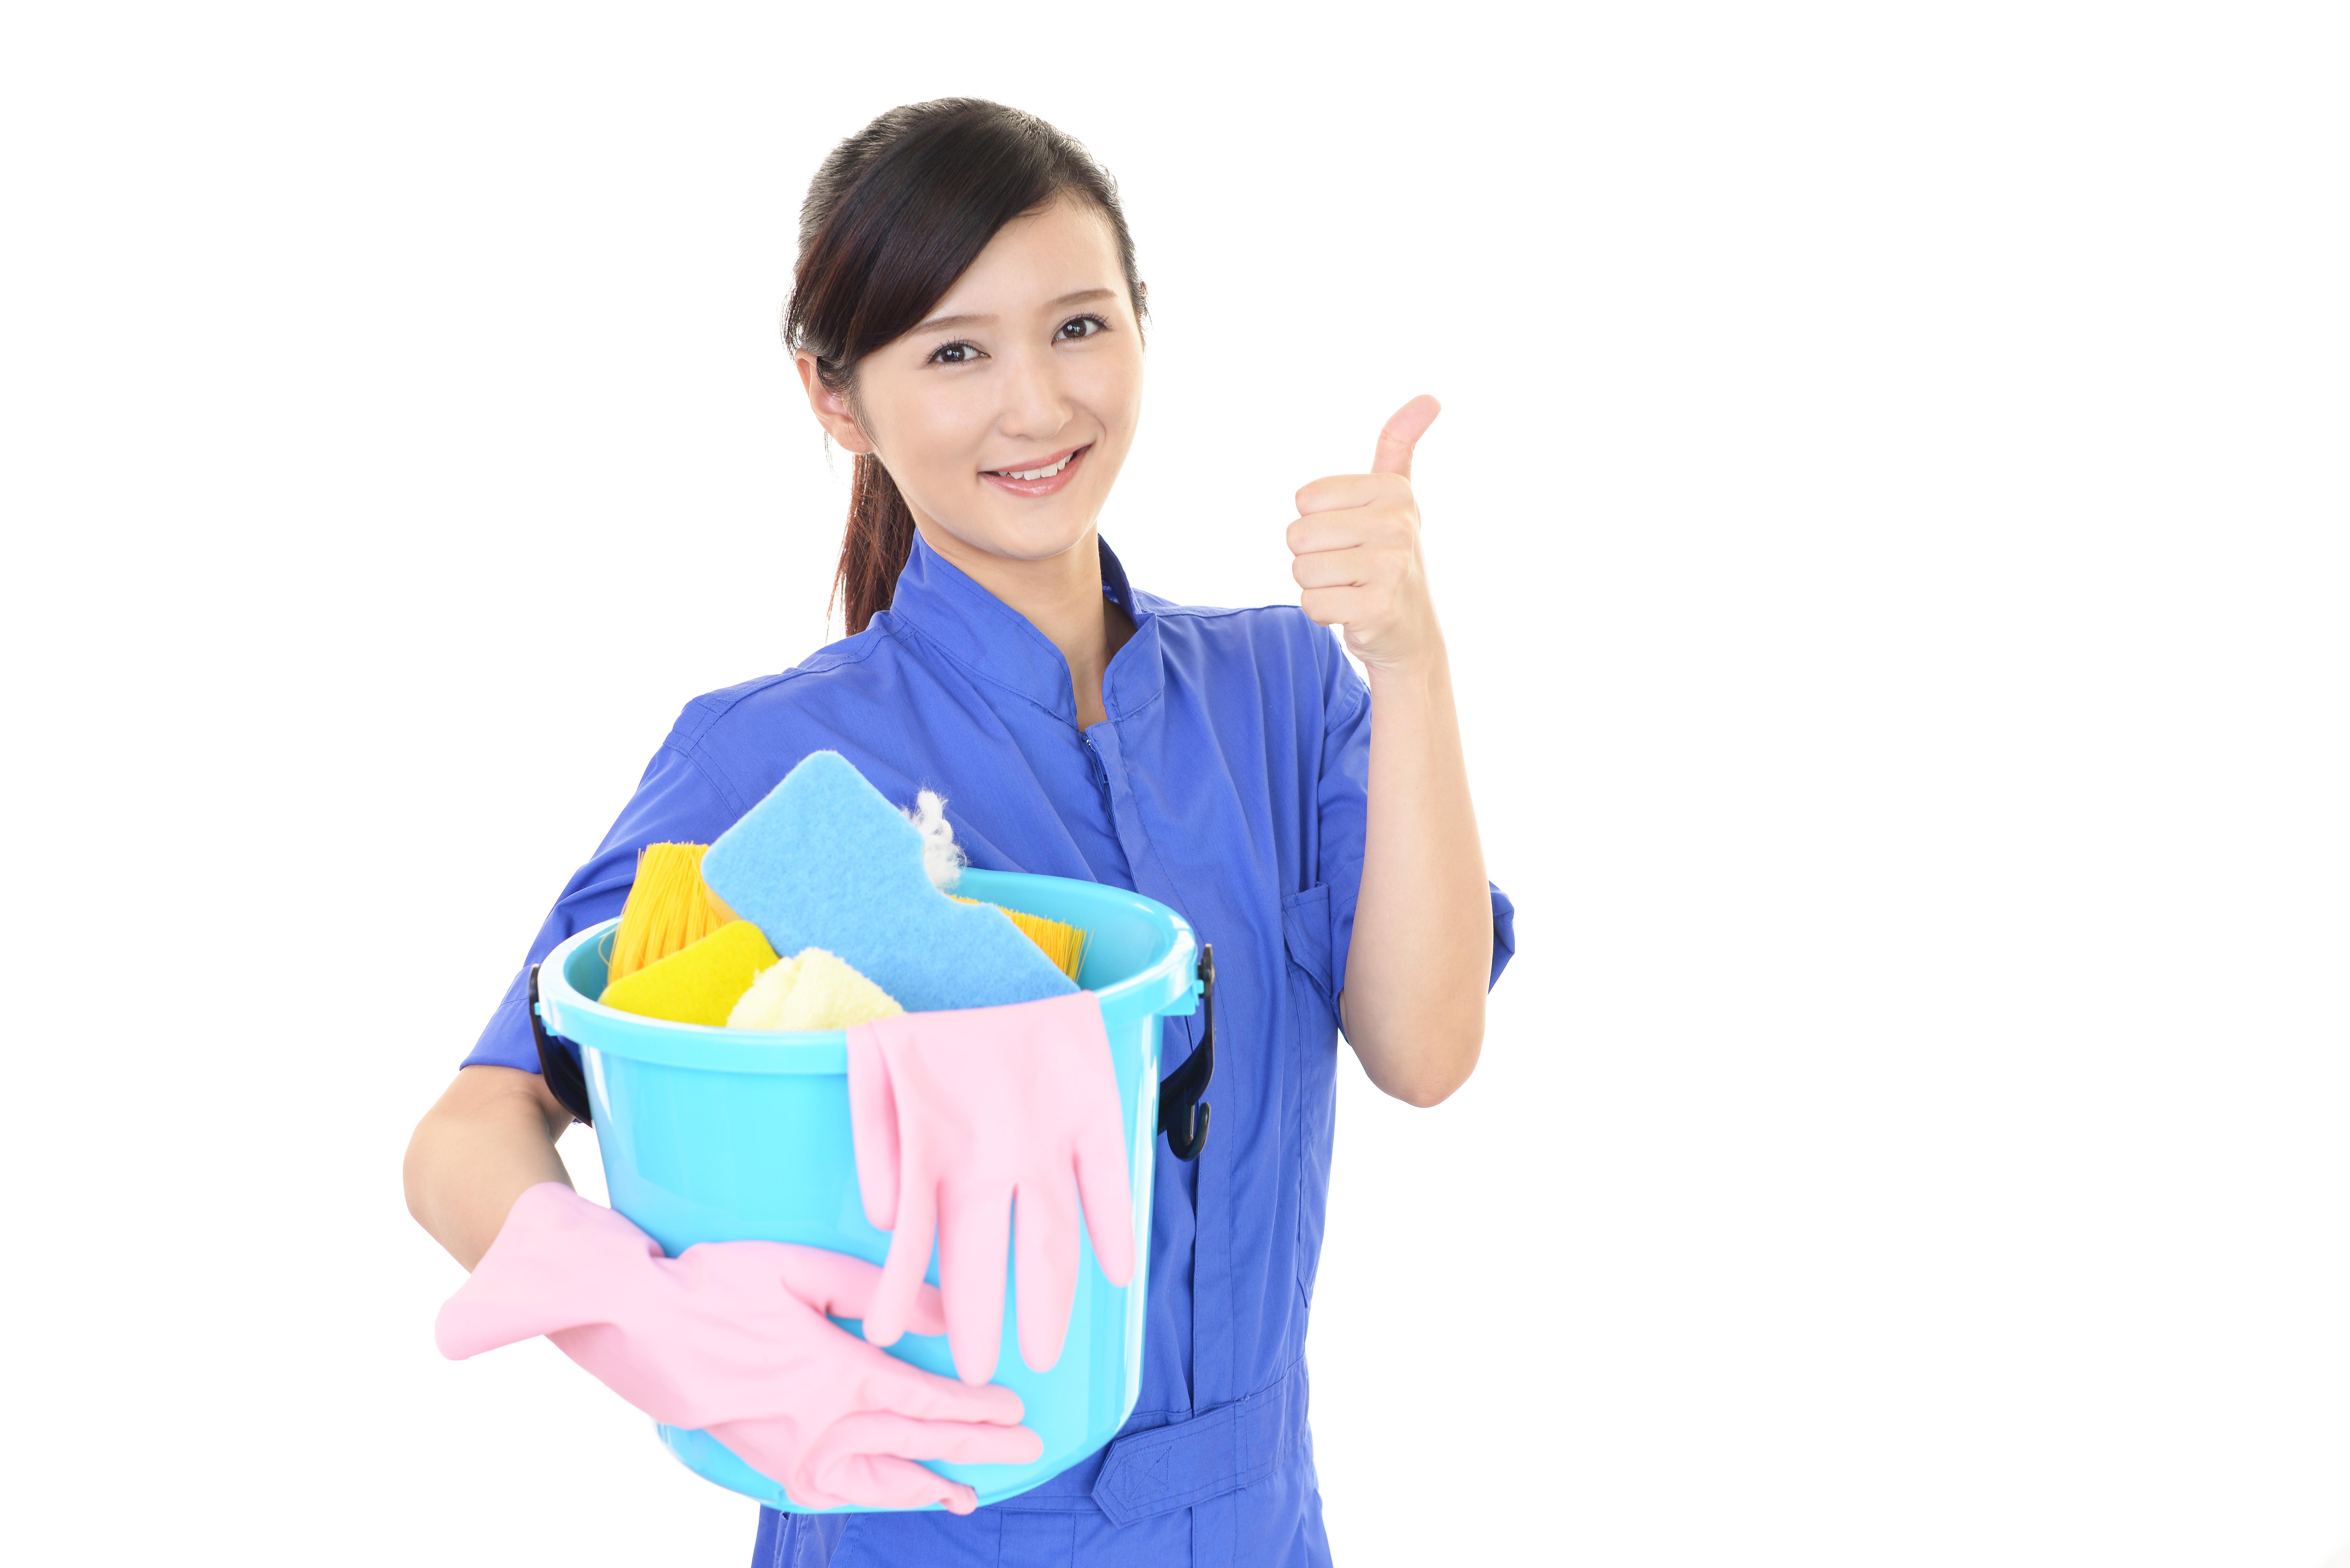 清掃スタッフ 八重洲エリア 共同産業株式会社 のアルバイト情報